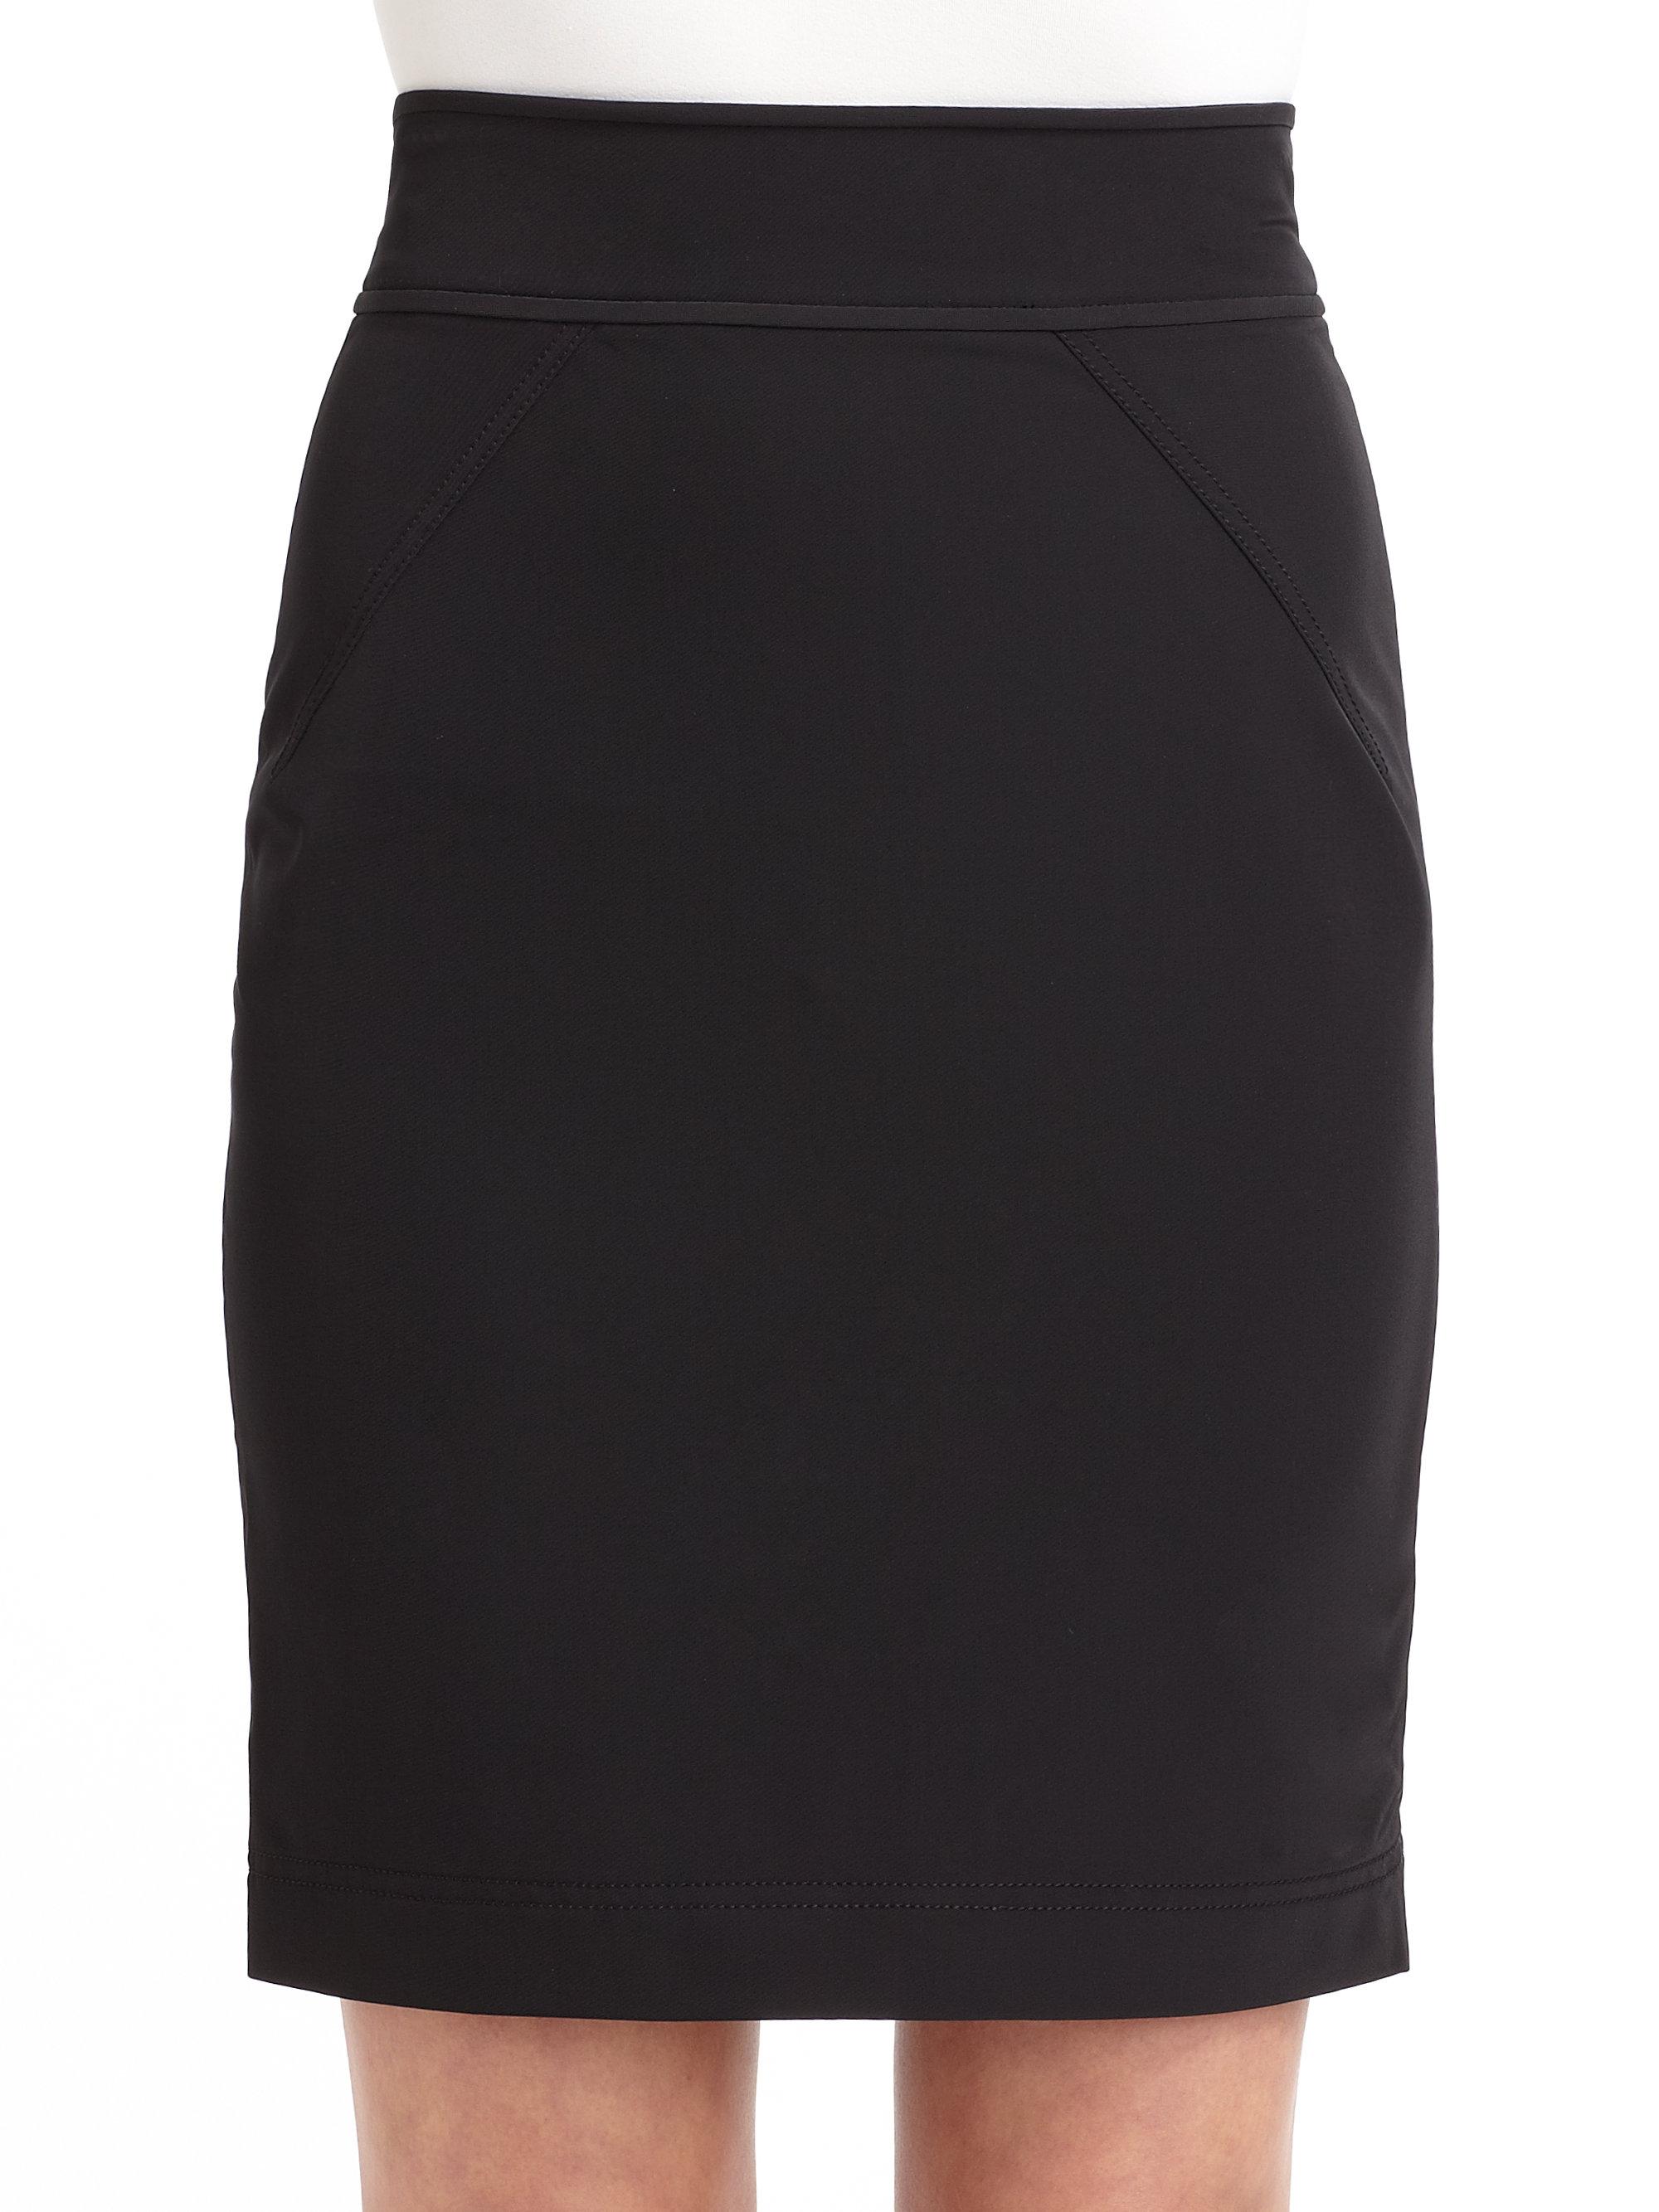 z spoke by zac posen classic pencil skirt in black lyst